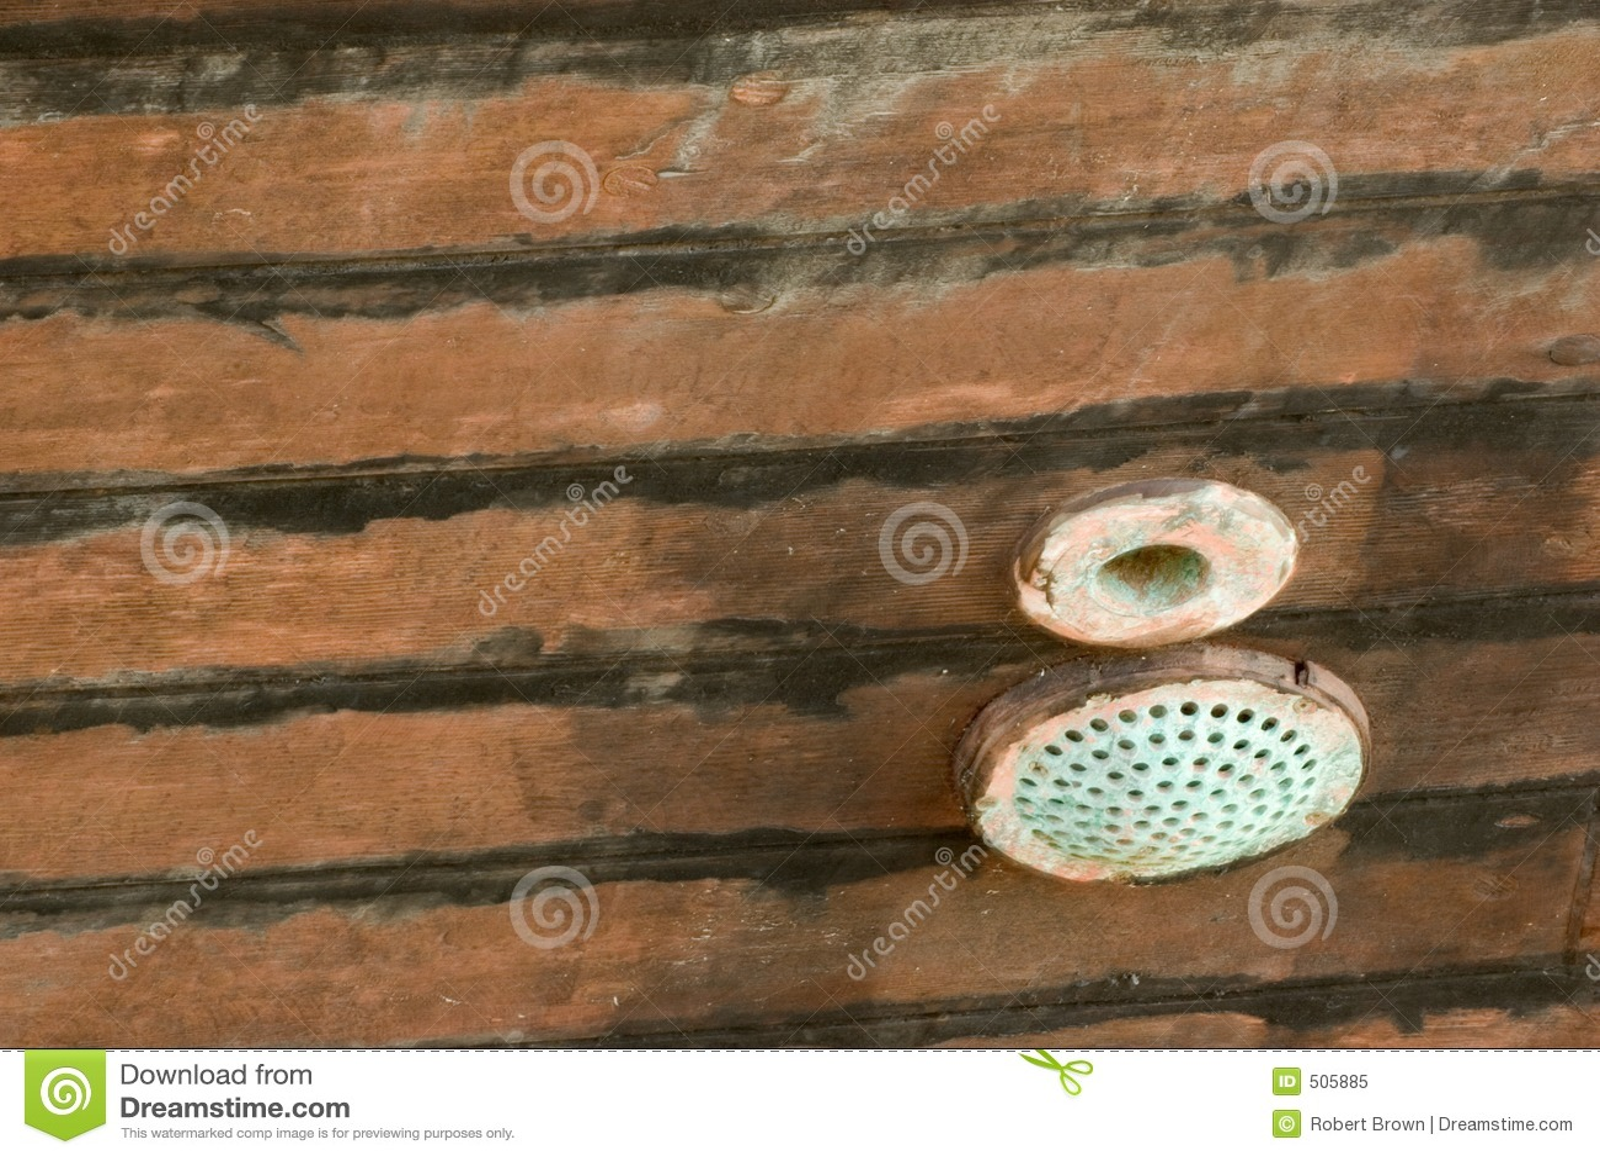 För grungeskrov s för 41 bakgrund träship